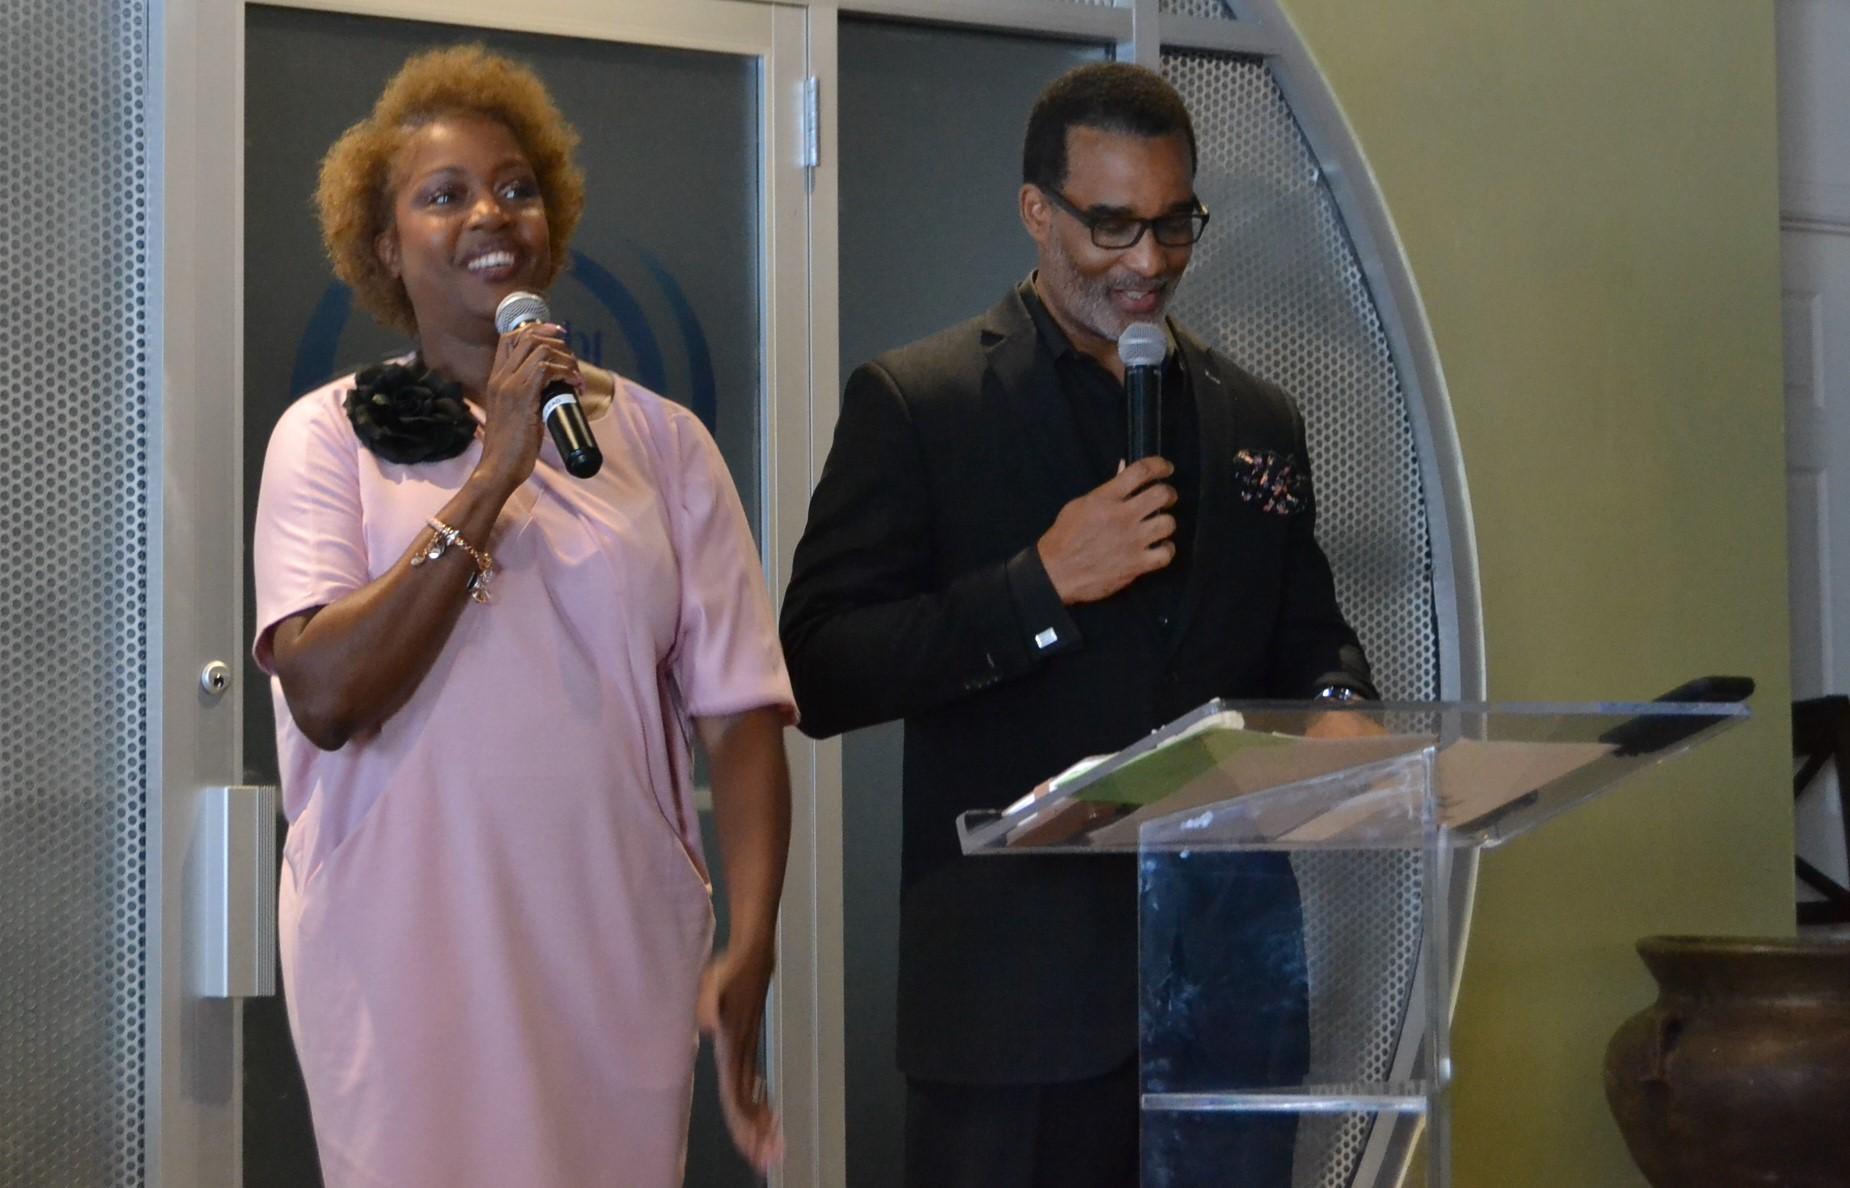 Derrick n Sonya preaching